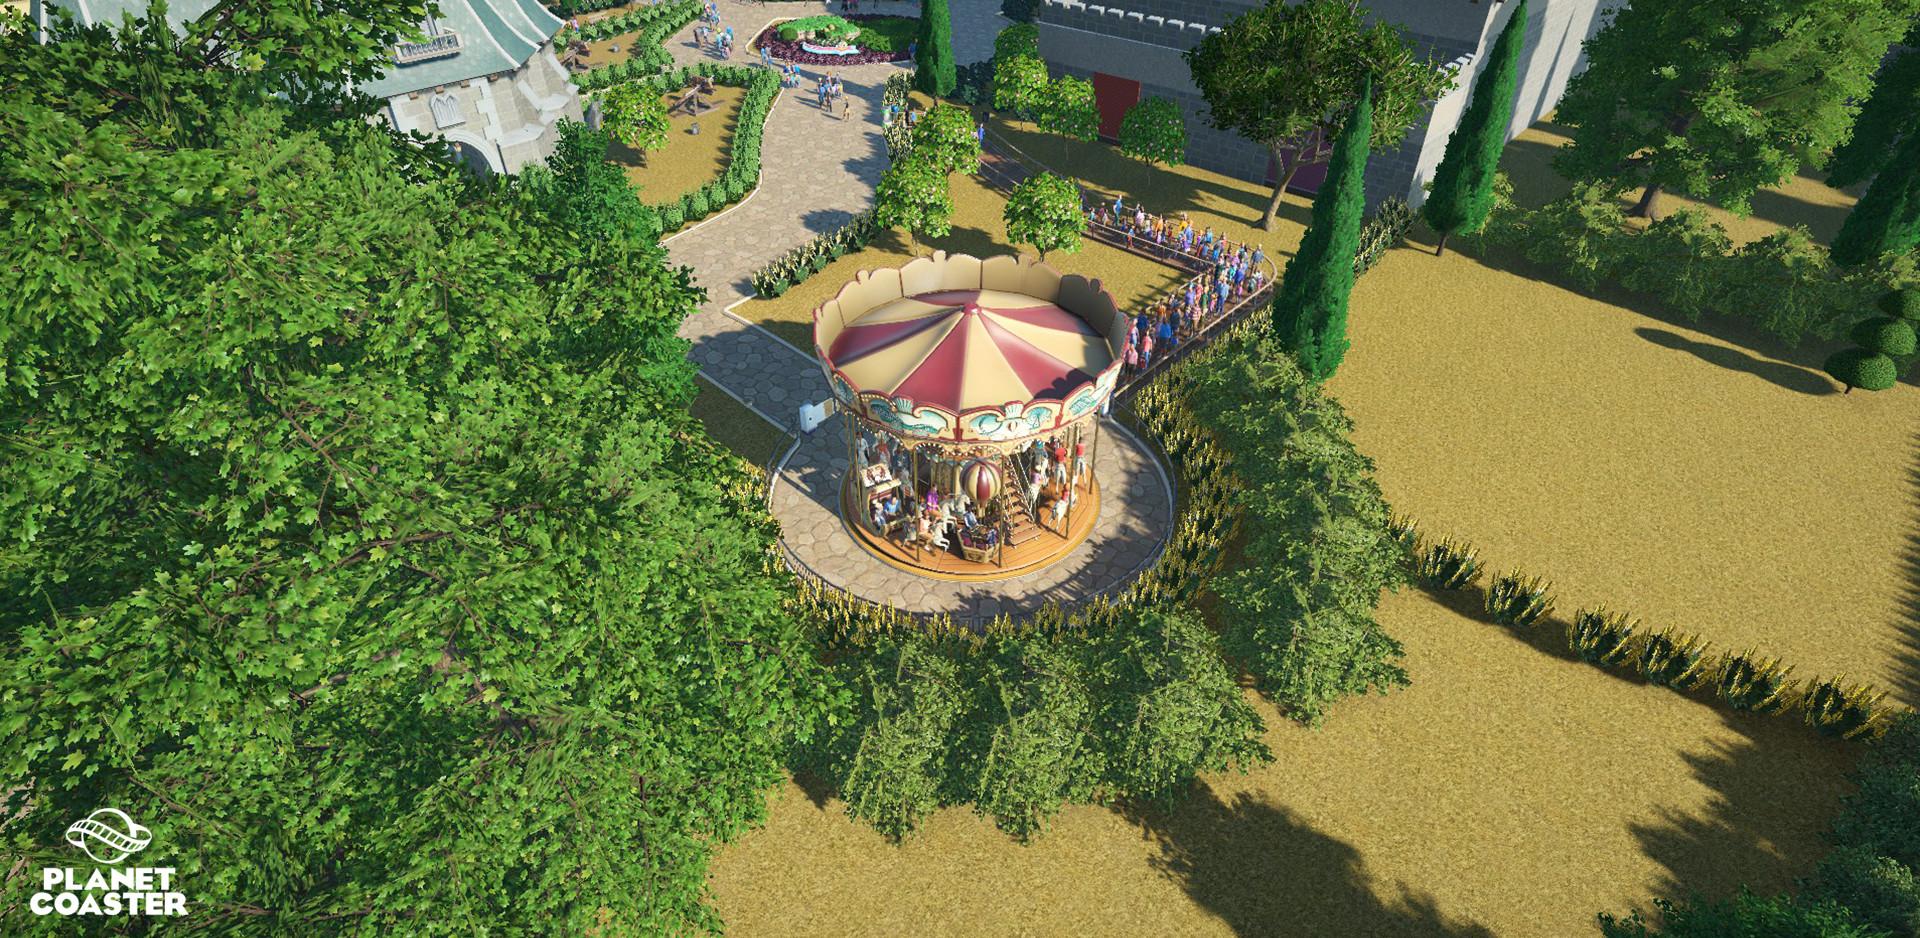 Oscar rickett carousel2